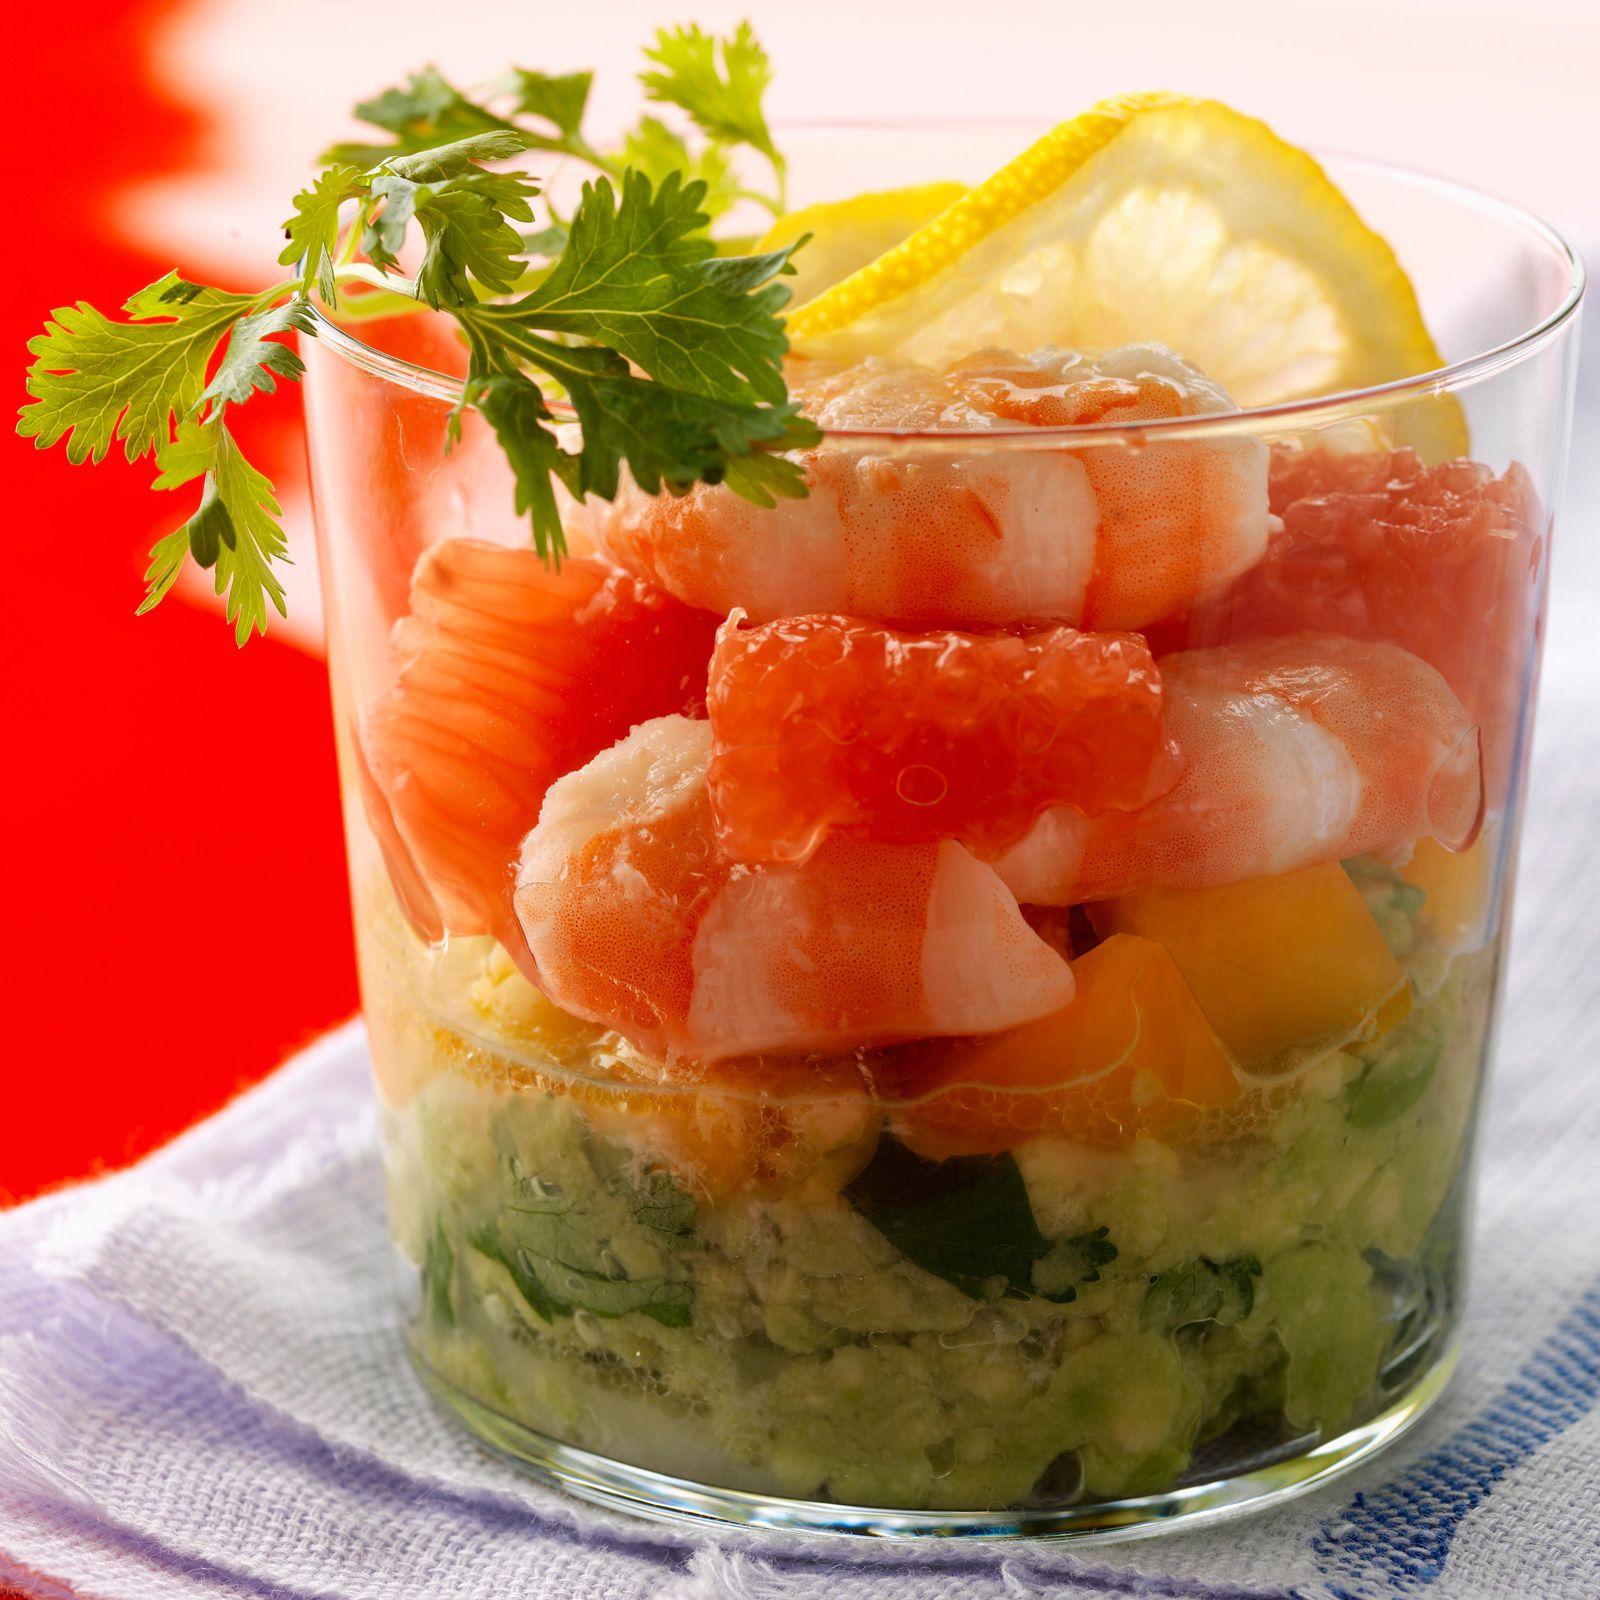 Découvrez la recette Verrines crevettes, avocat, pamplemousse rose sur cuisineactuelle.fr.